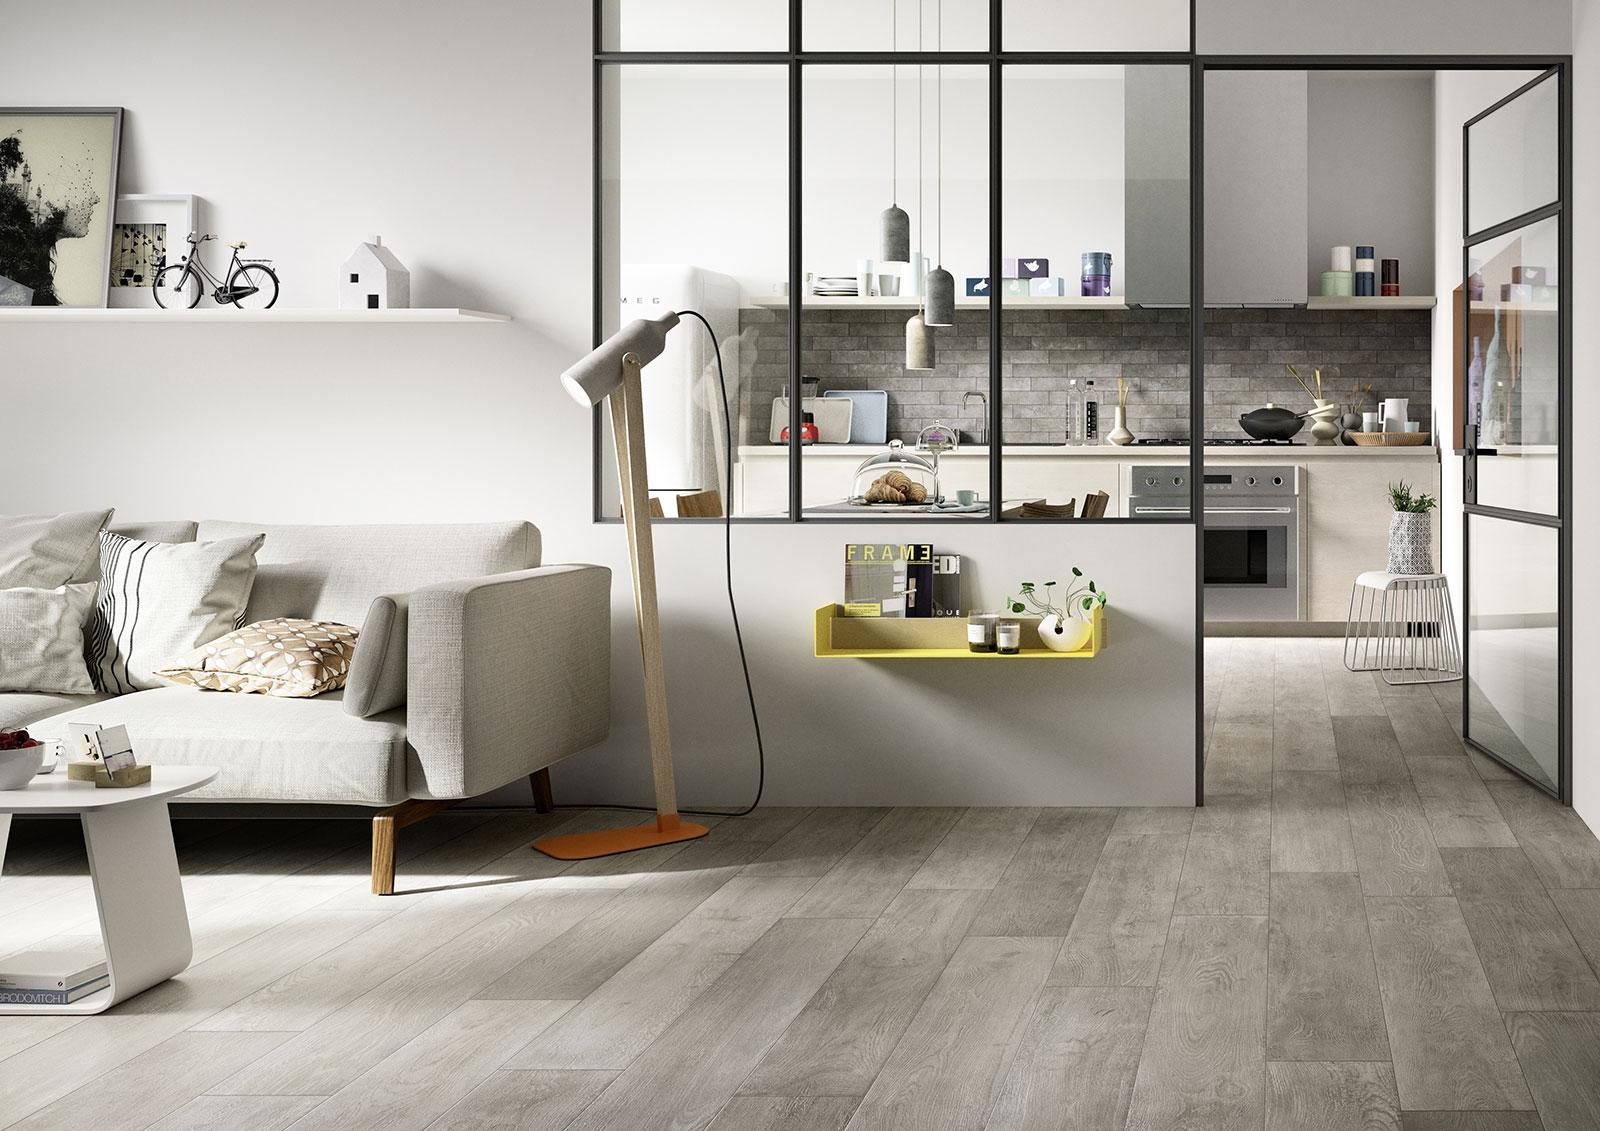 Treverktime gres pavimento effetto legno marazzi - Piastrelle pavimento ...